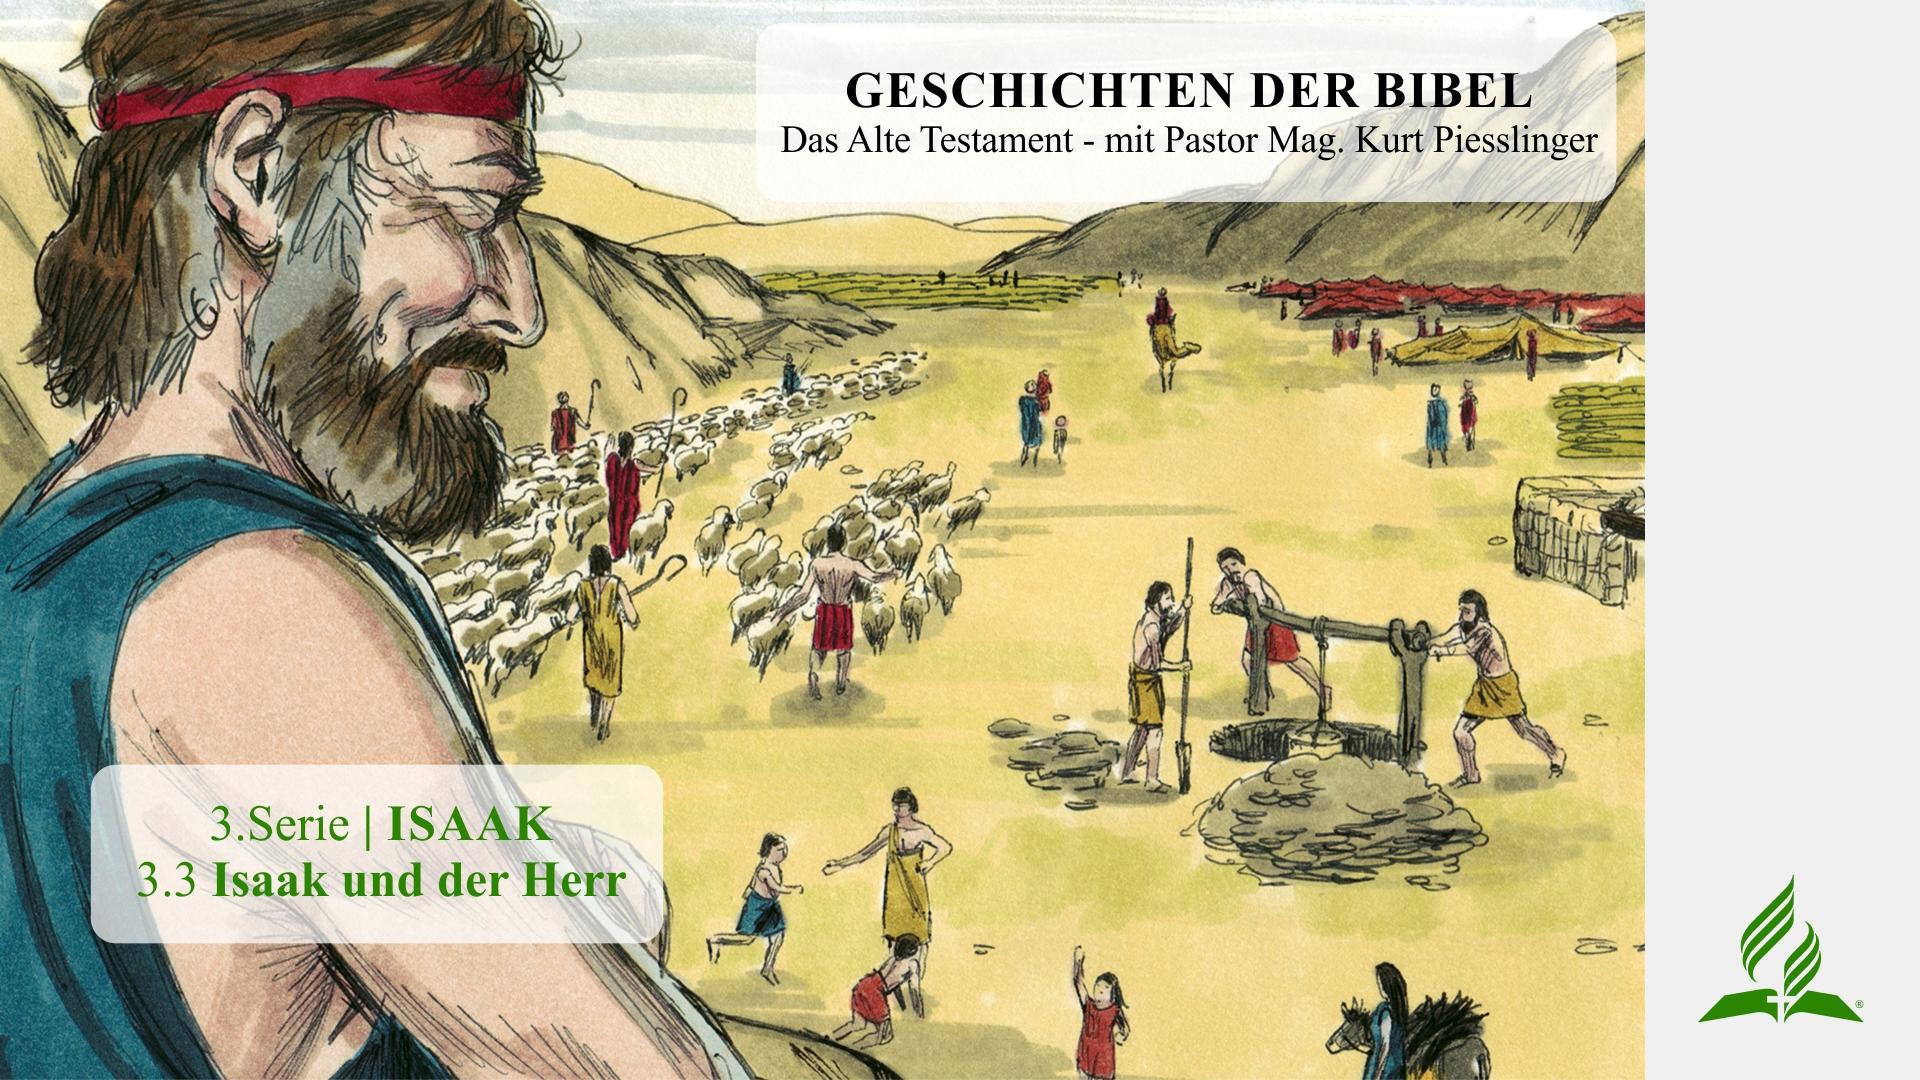 GESCHICHTEN DER BIBEL: 3.3 Isaak und der Herr – 3.ISAAK | Pastor Mag. Kurt Piesslinger